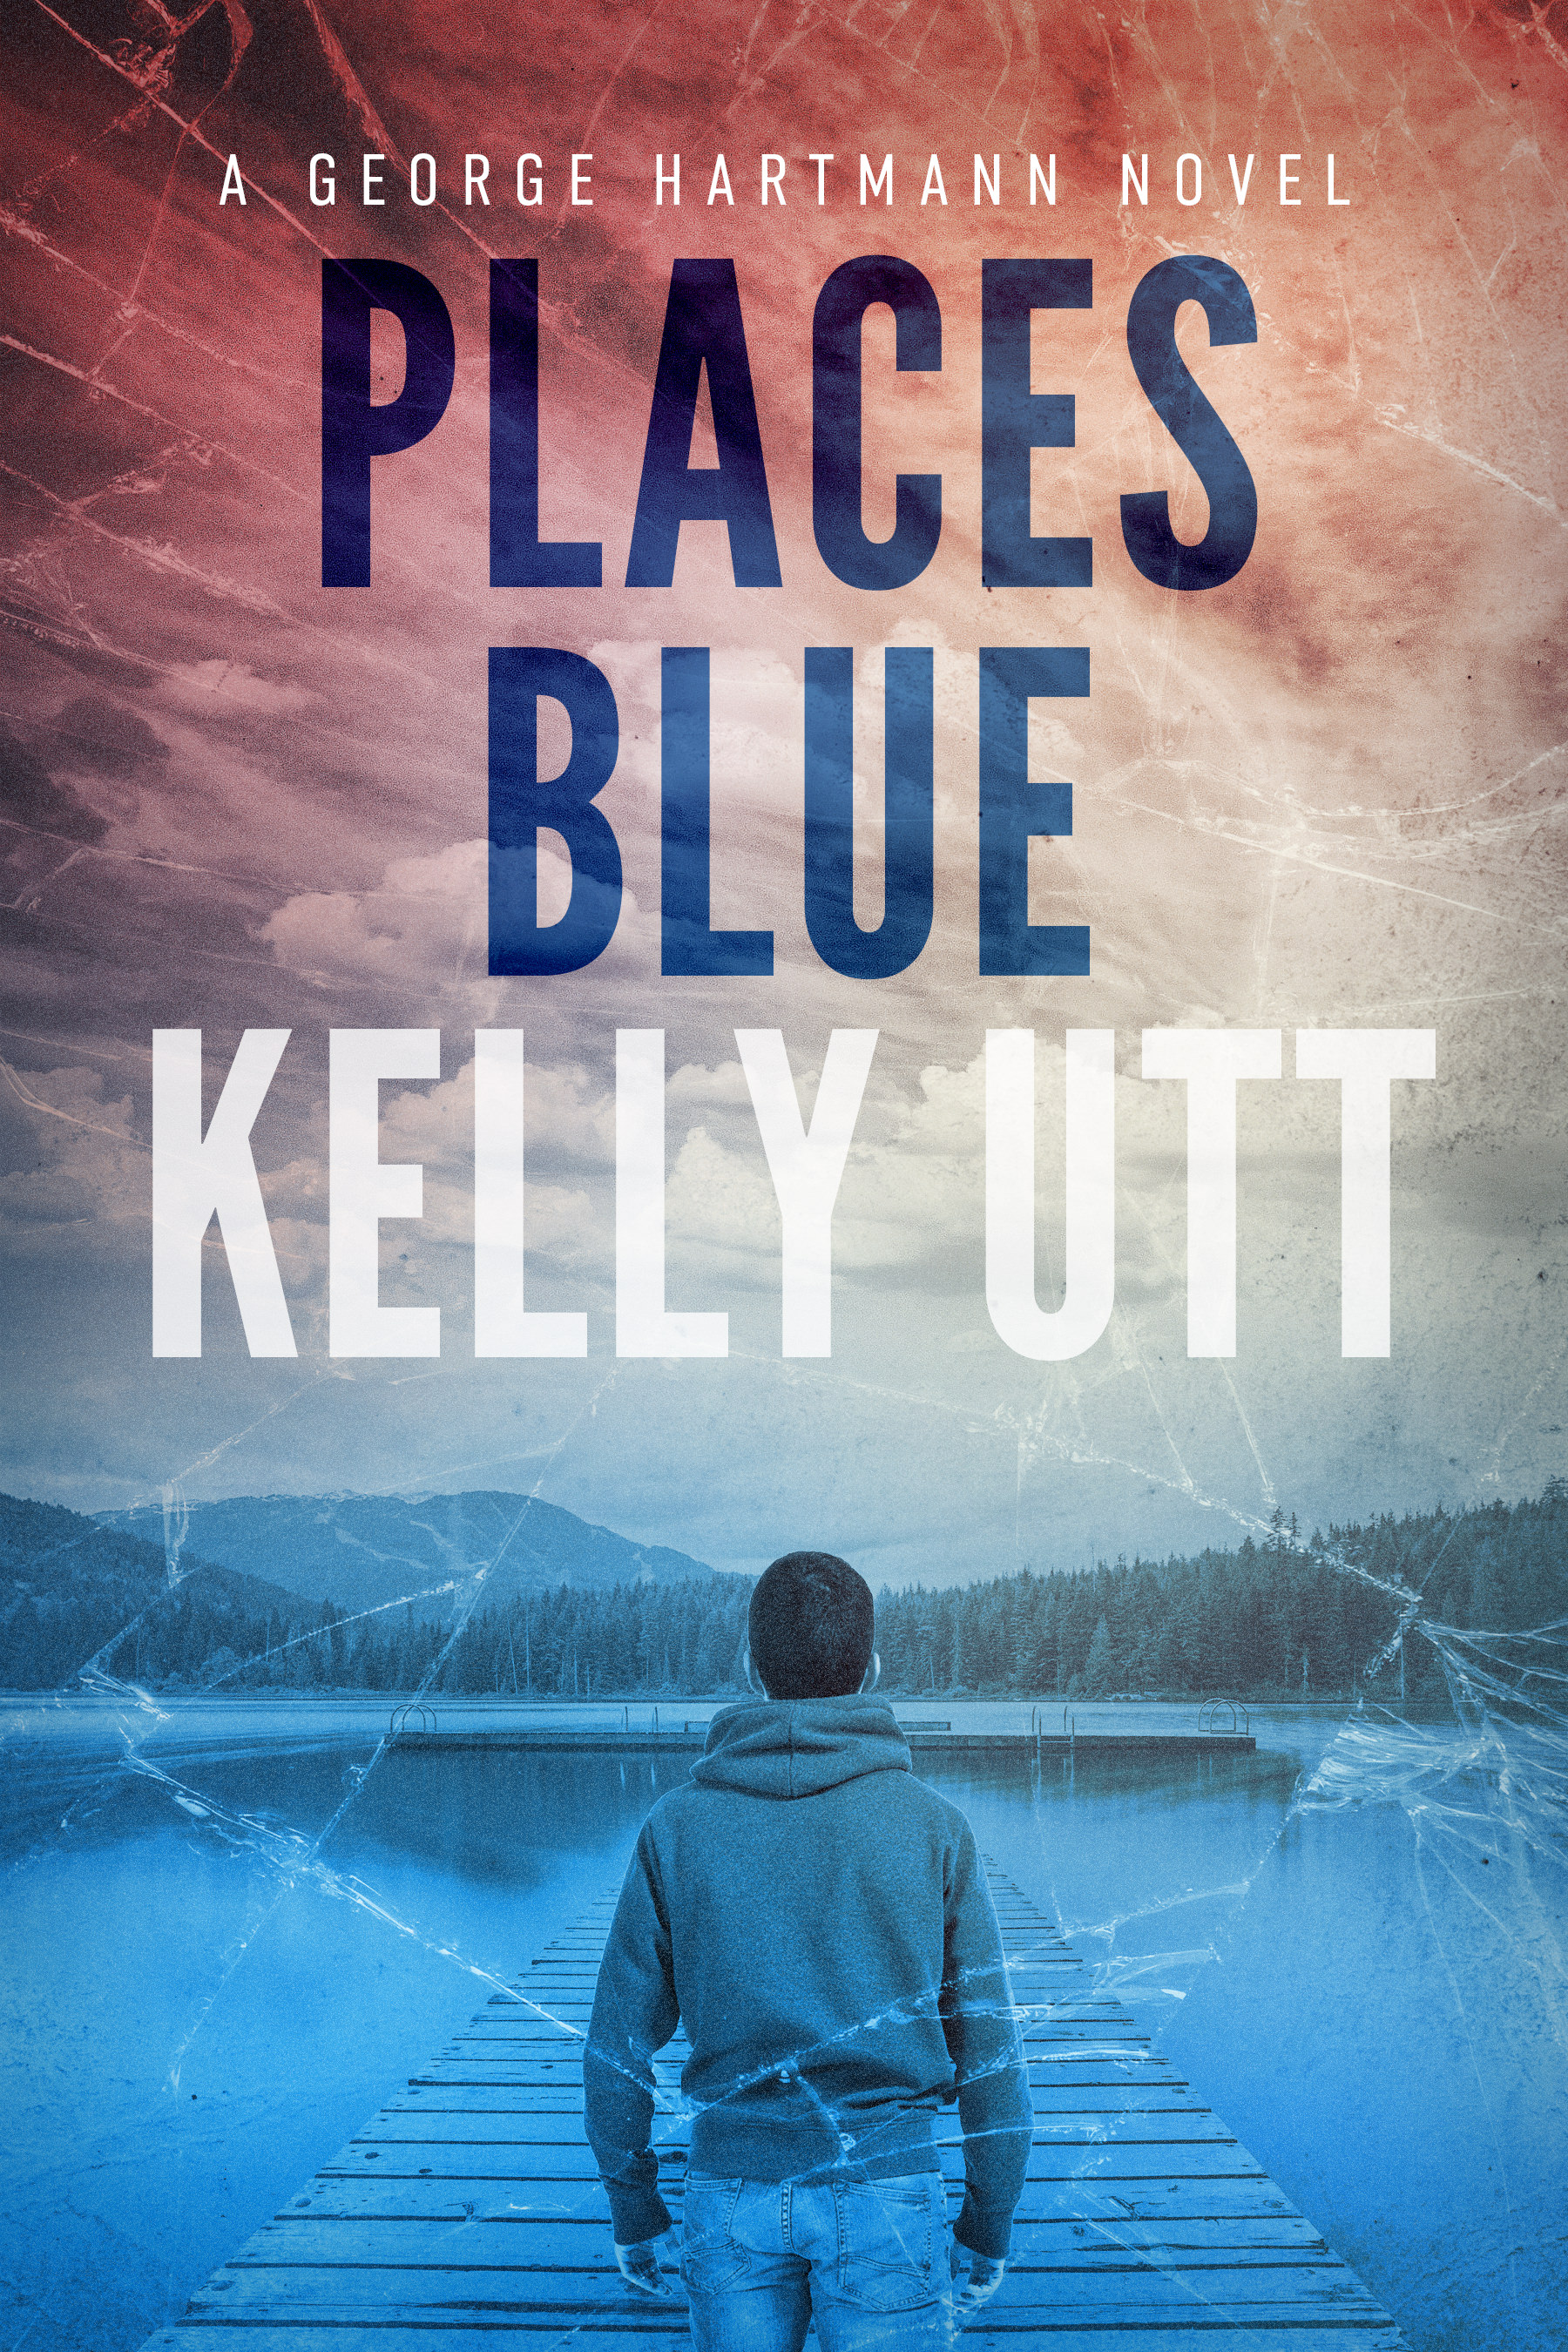 Places Blue - George Hartmann #3